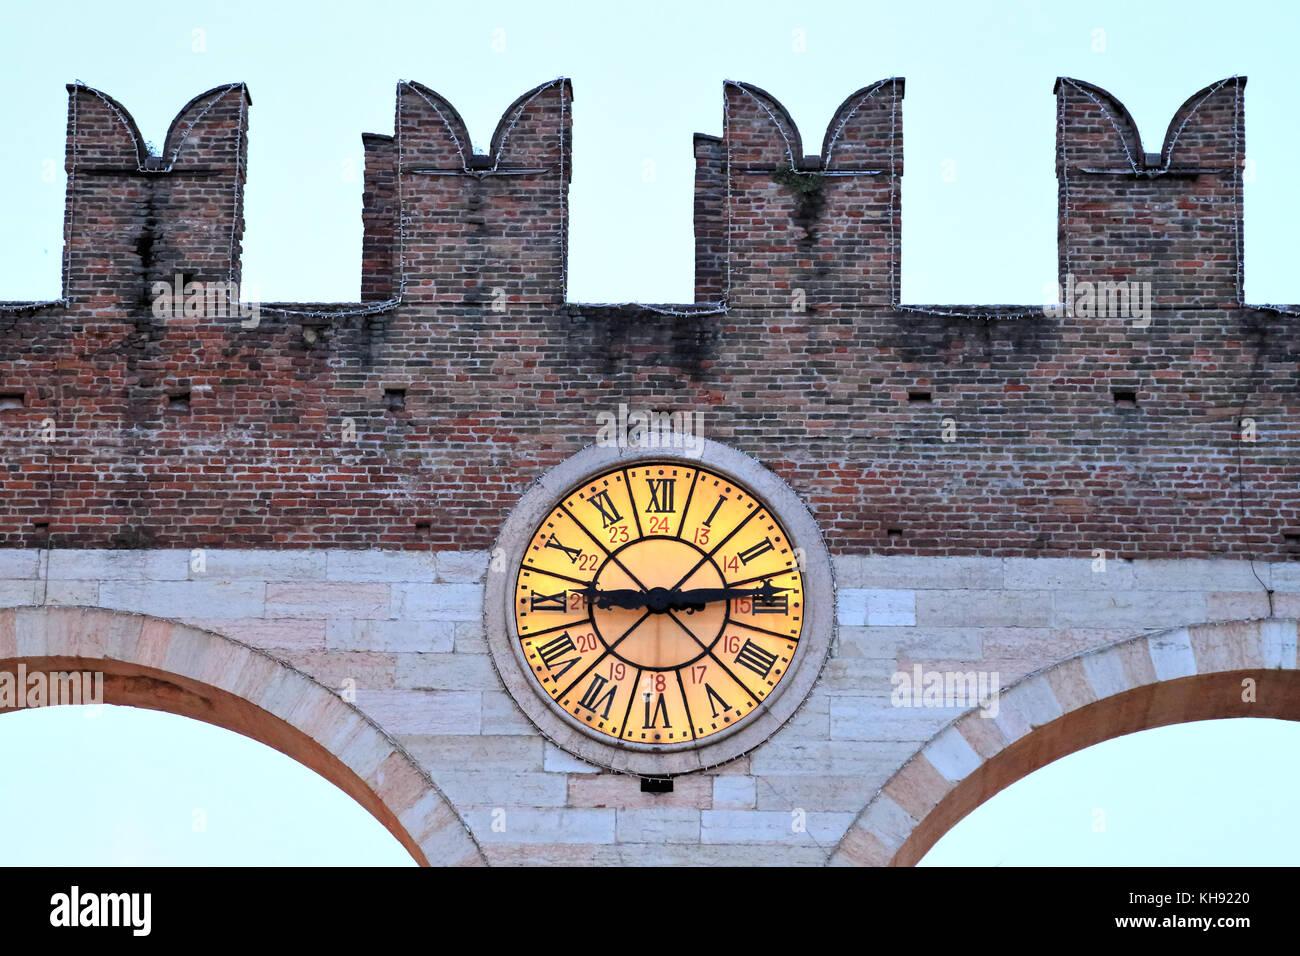 Clock of Portoni della Brà - Stock Image